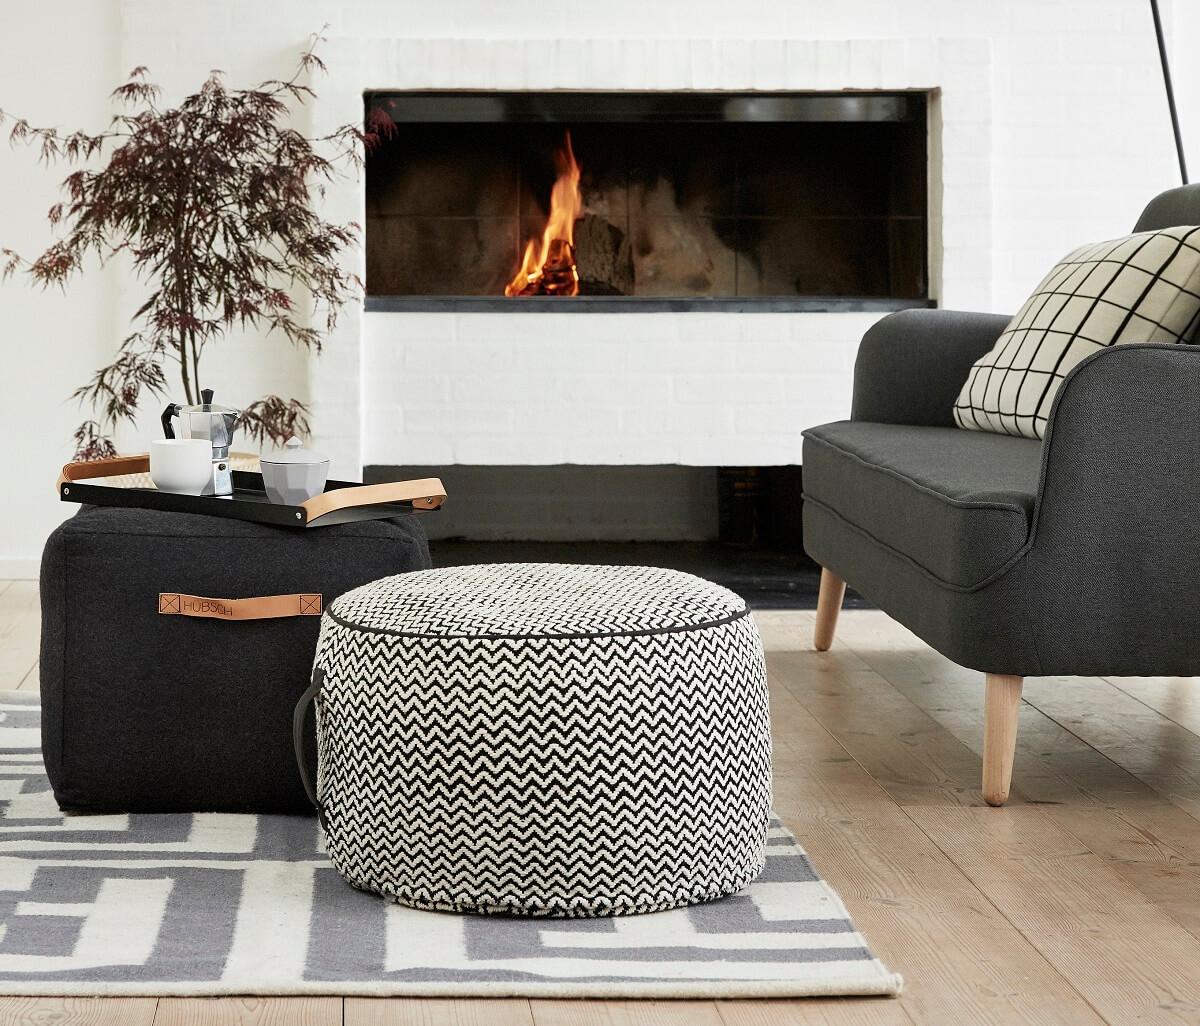 hubsch interior oversized poef van grijs. Black Bedroom Furniture Sets. Home Design Ideas